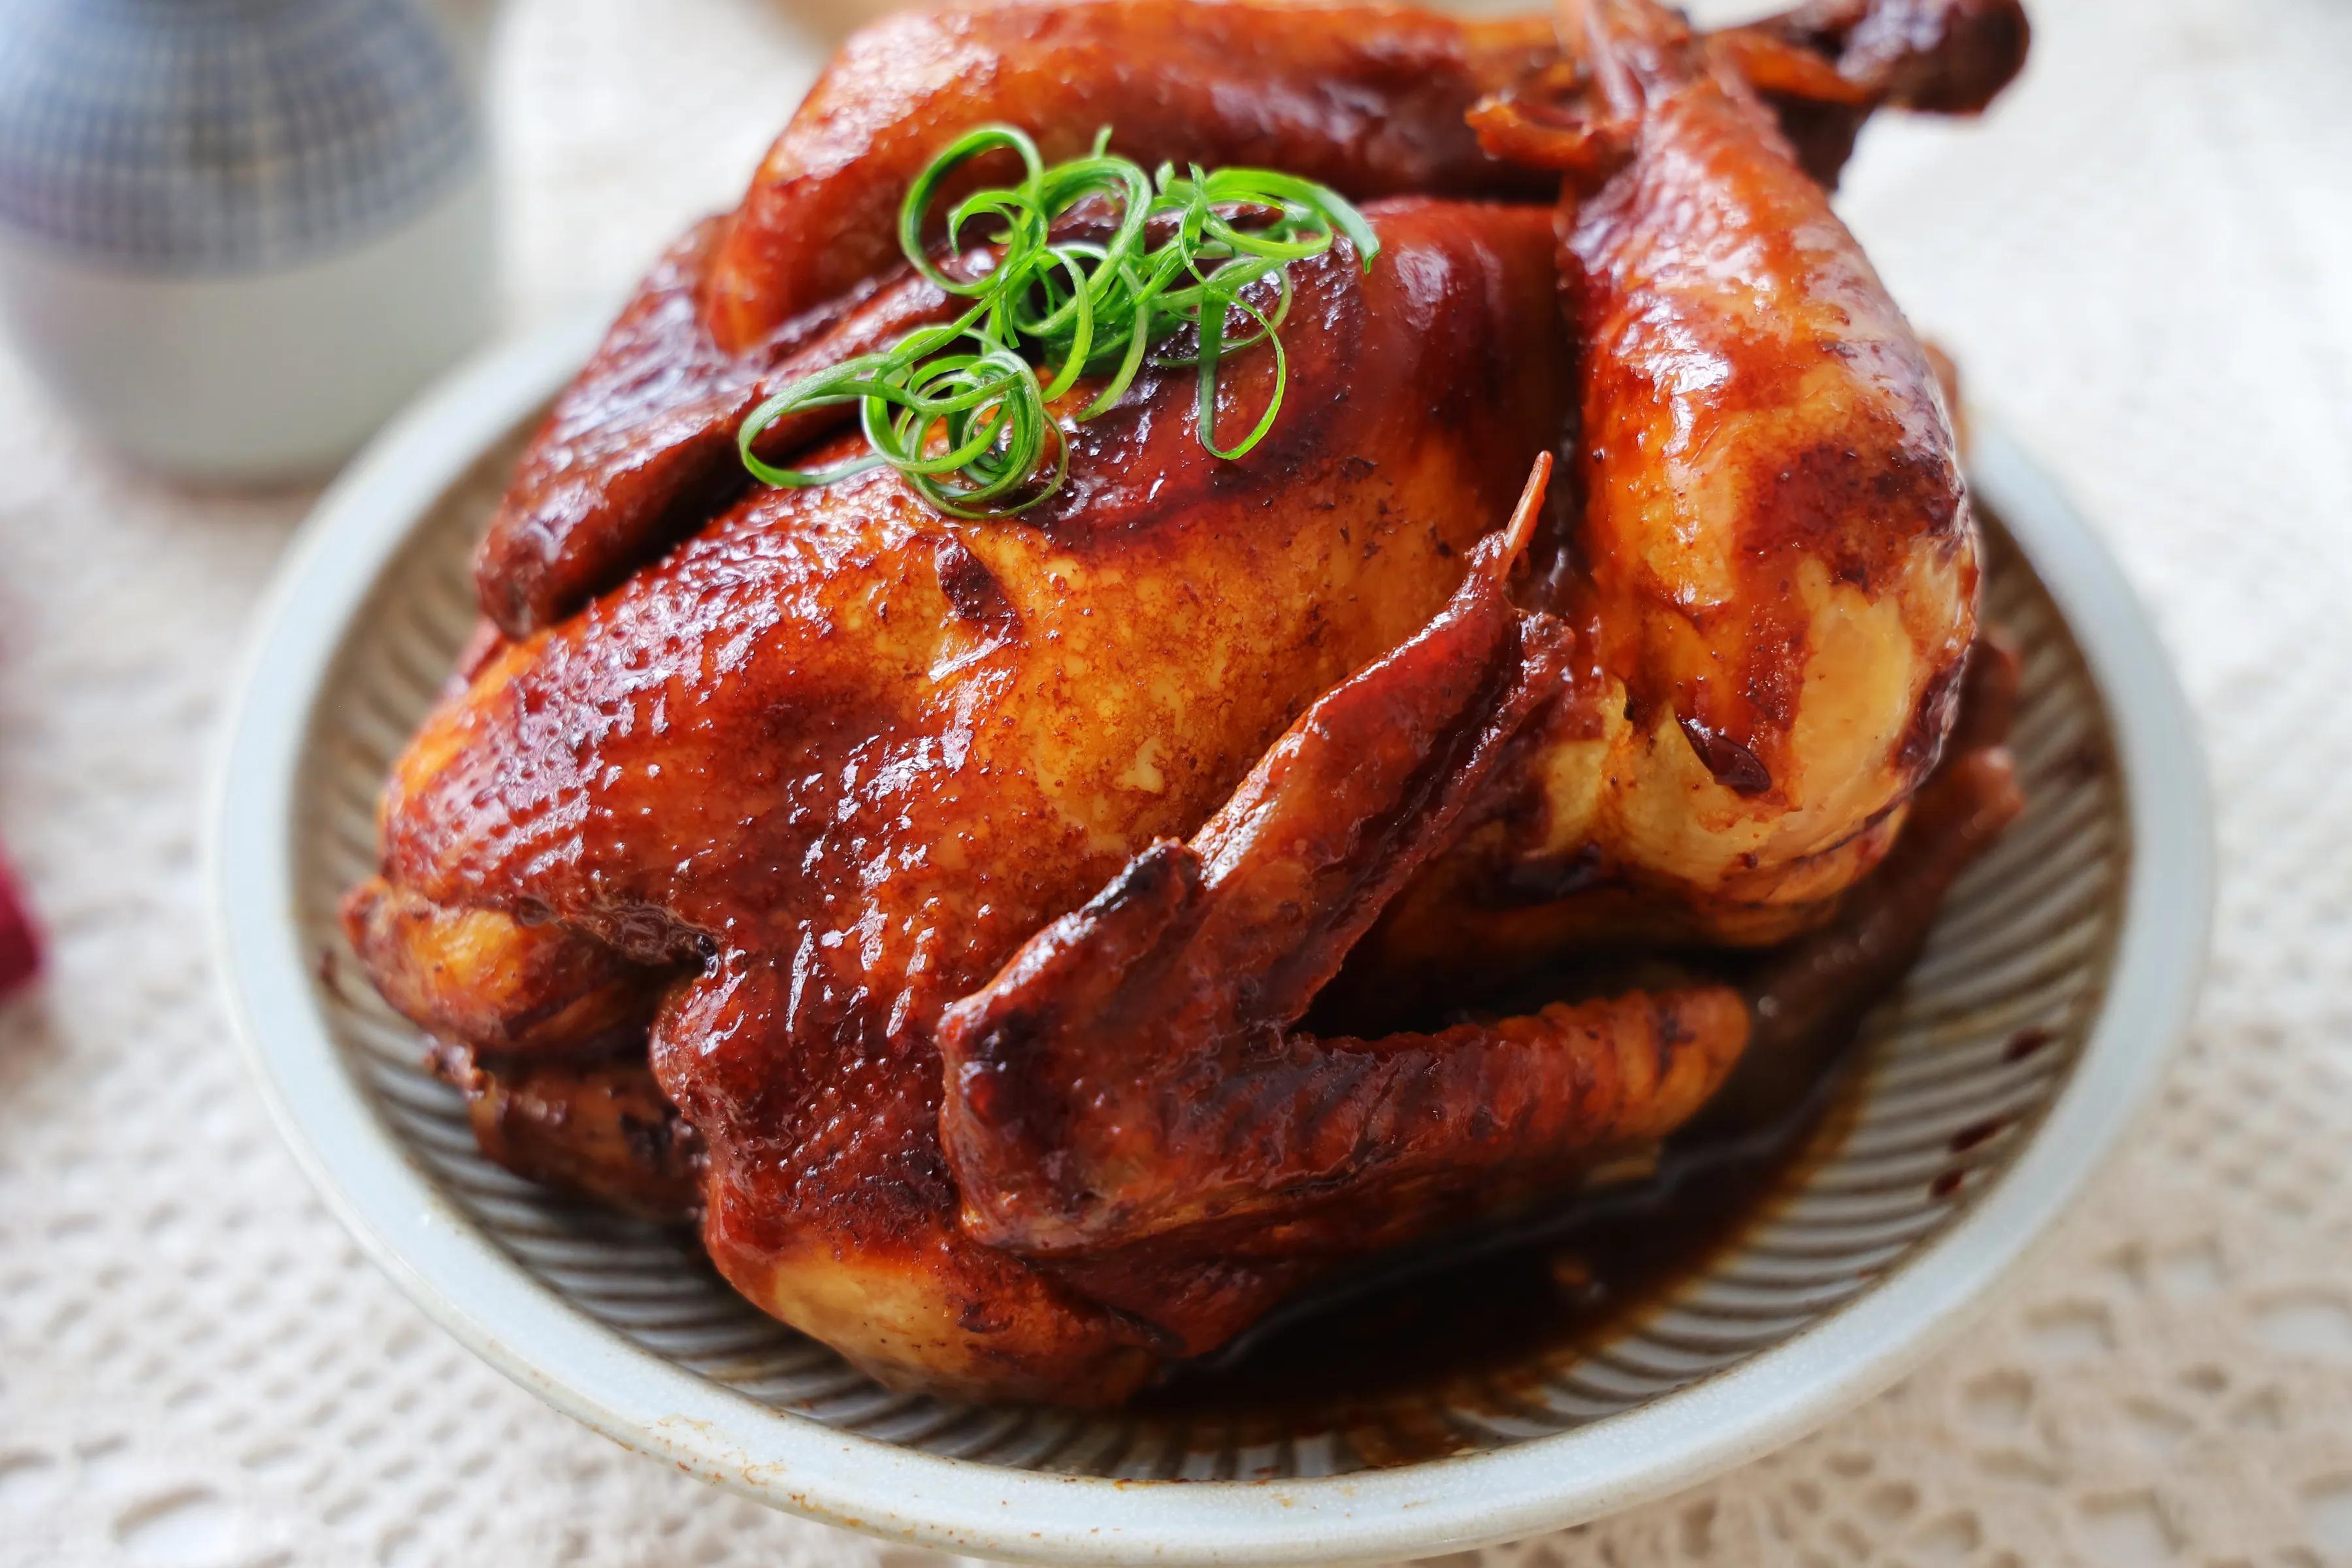 整只鸡怎么做最好吃?靠谱的懒人做法,鲜嫩多汁,比红烧还过瘾!